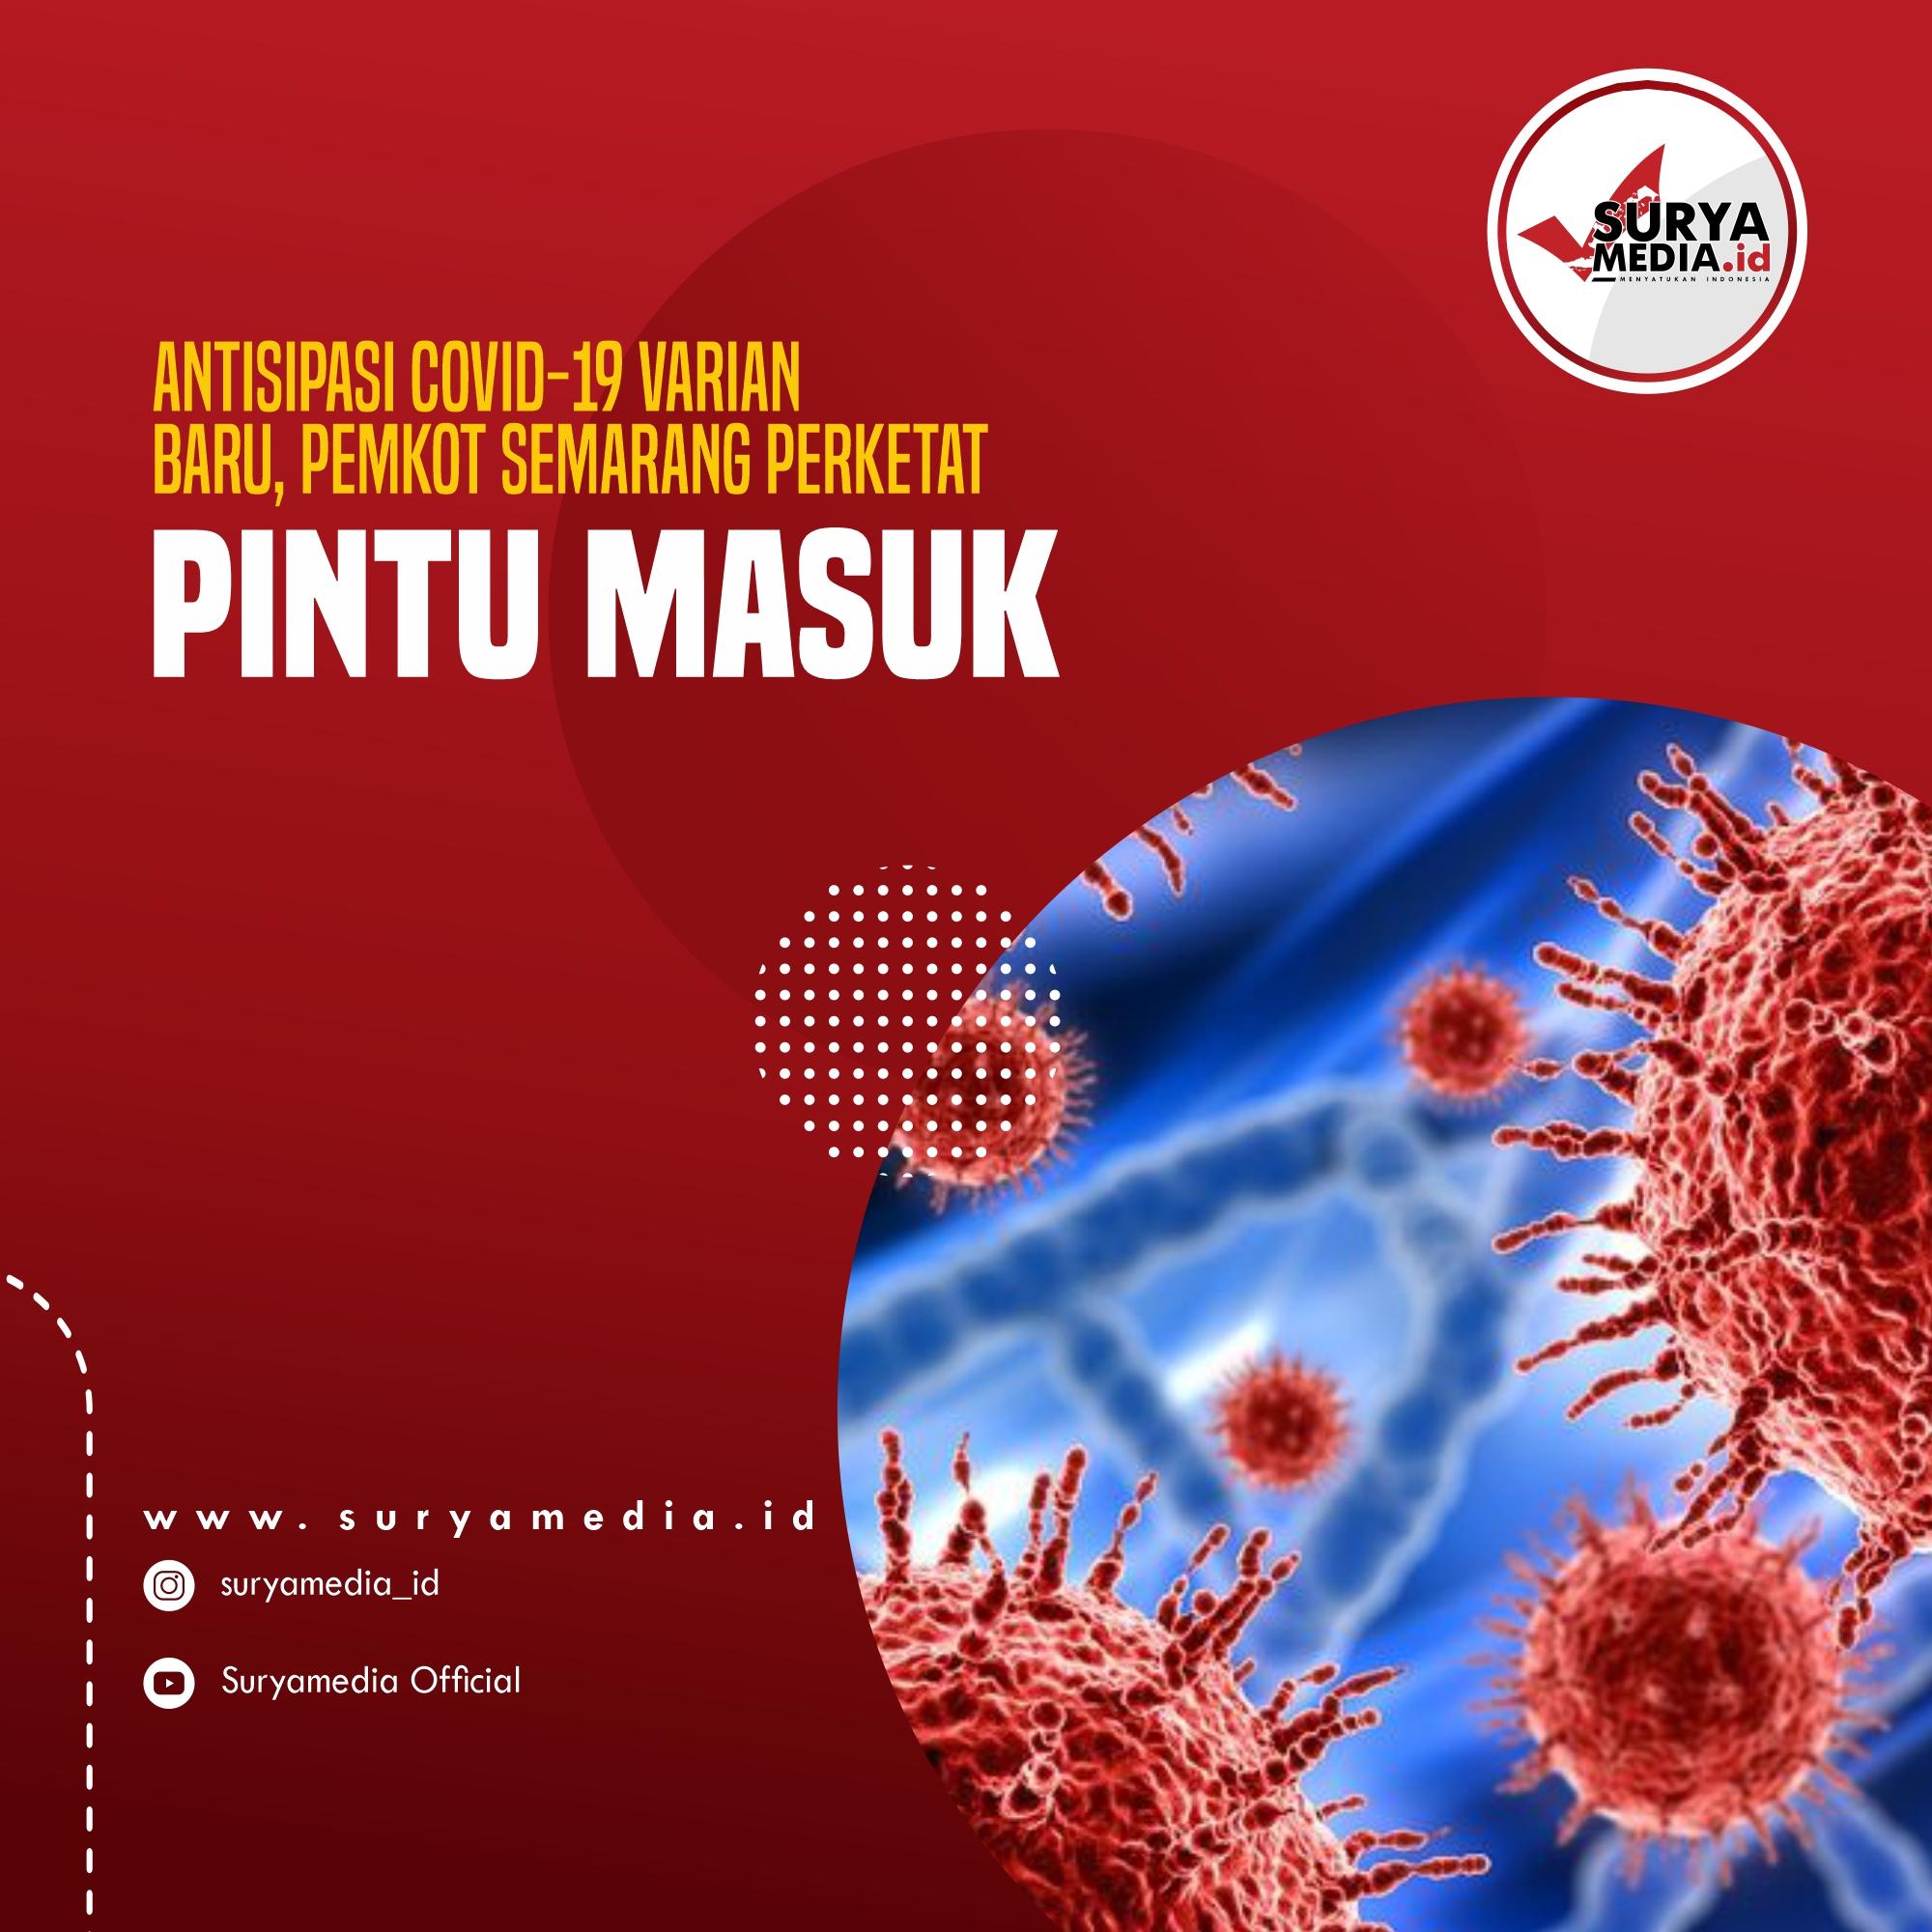 Antisipasi Covid-19 Varian Baru, Pemkot Semarang Perketat Pintu Masuk